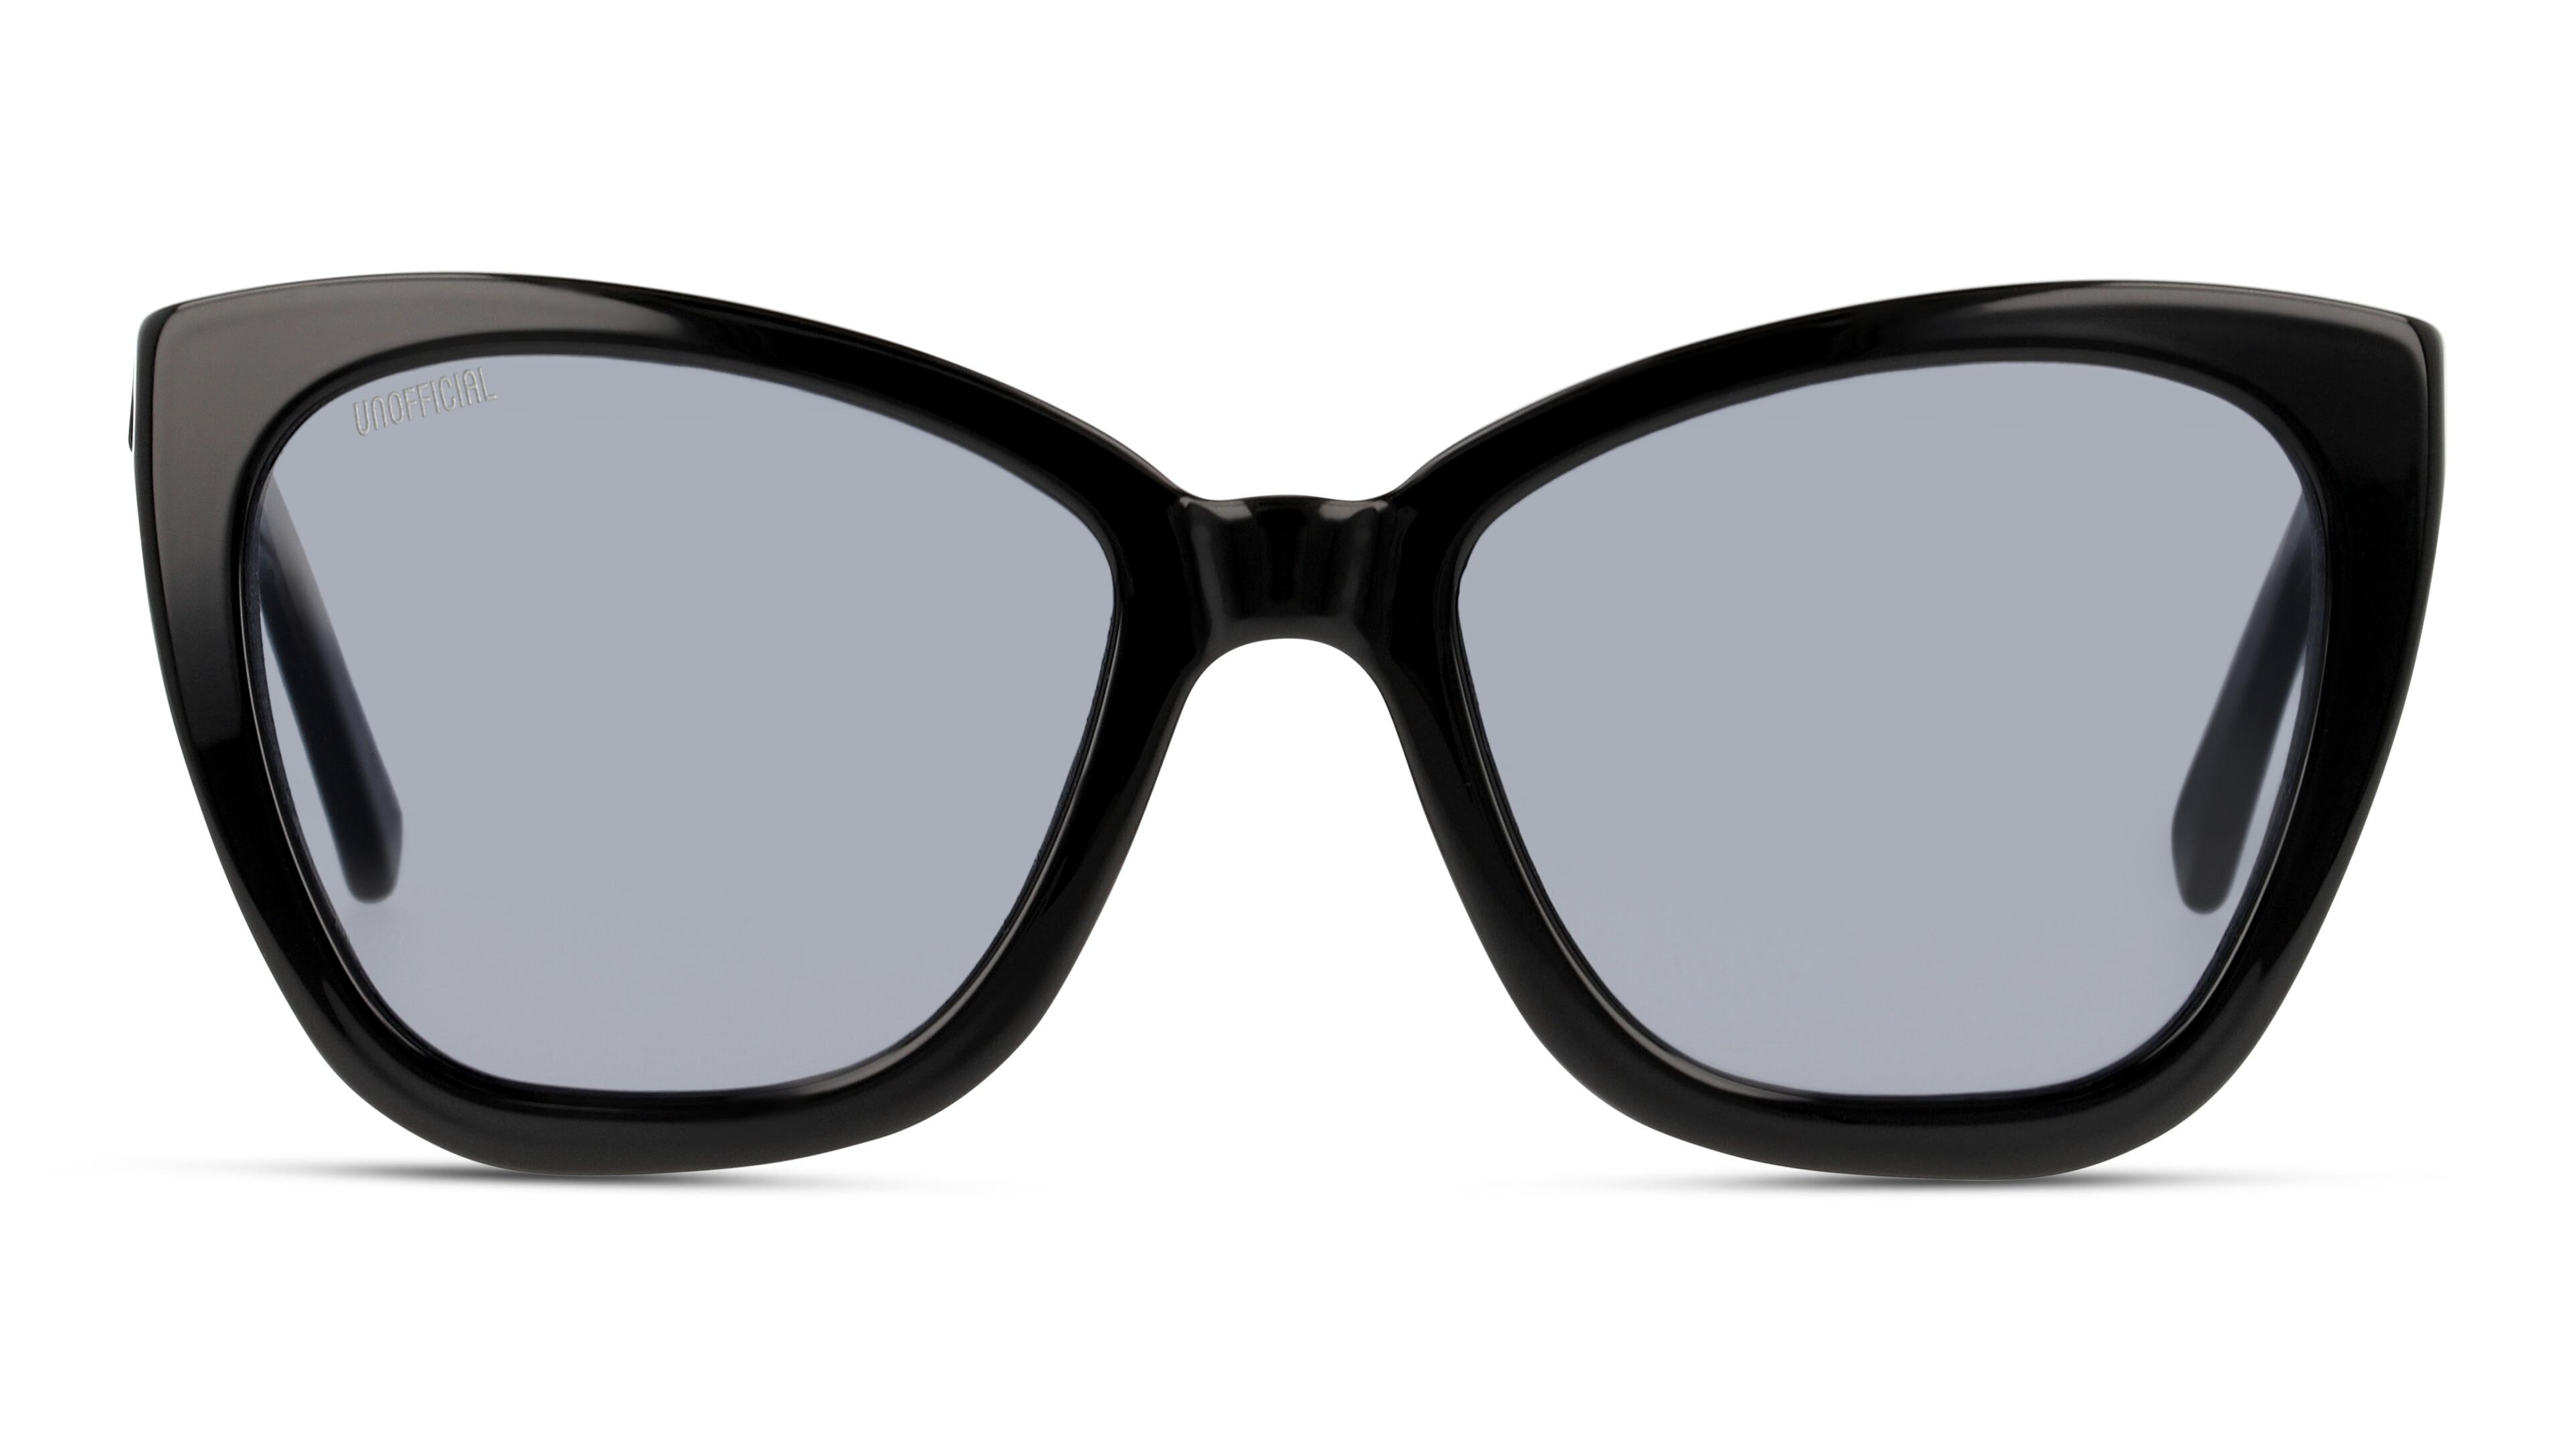 8719154812637-front-sonnenbrille-unofficial-unsf0114-black-black